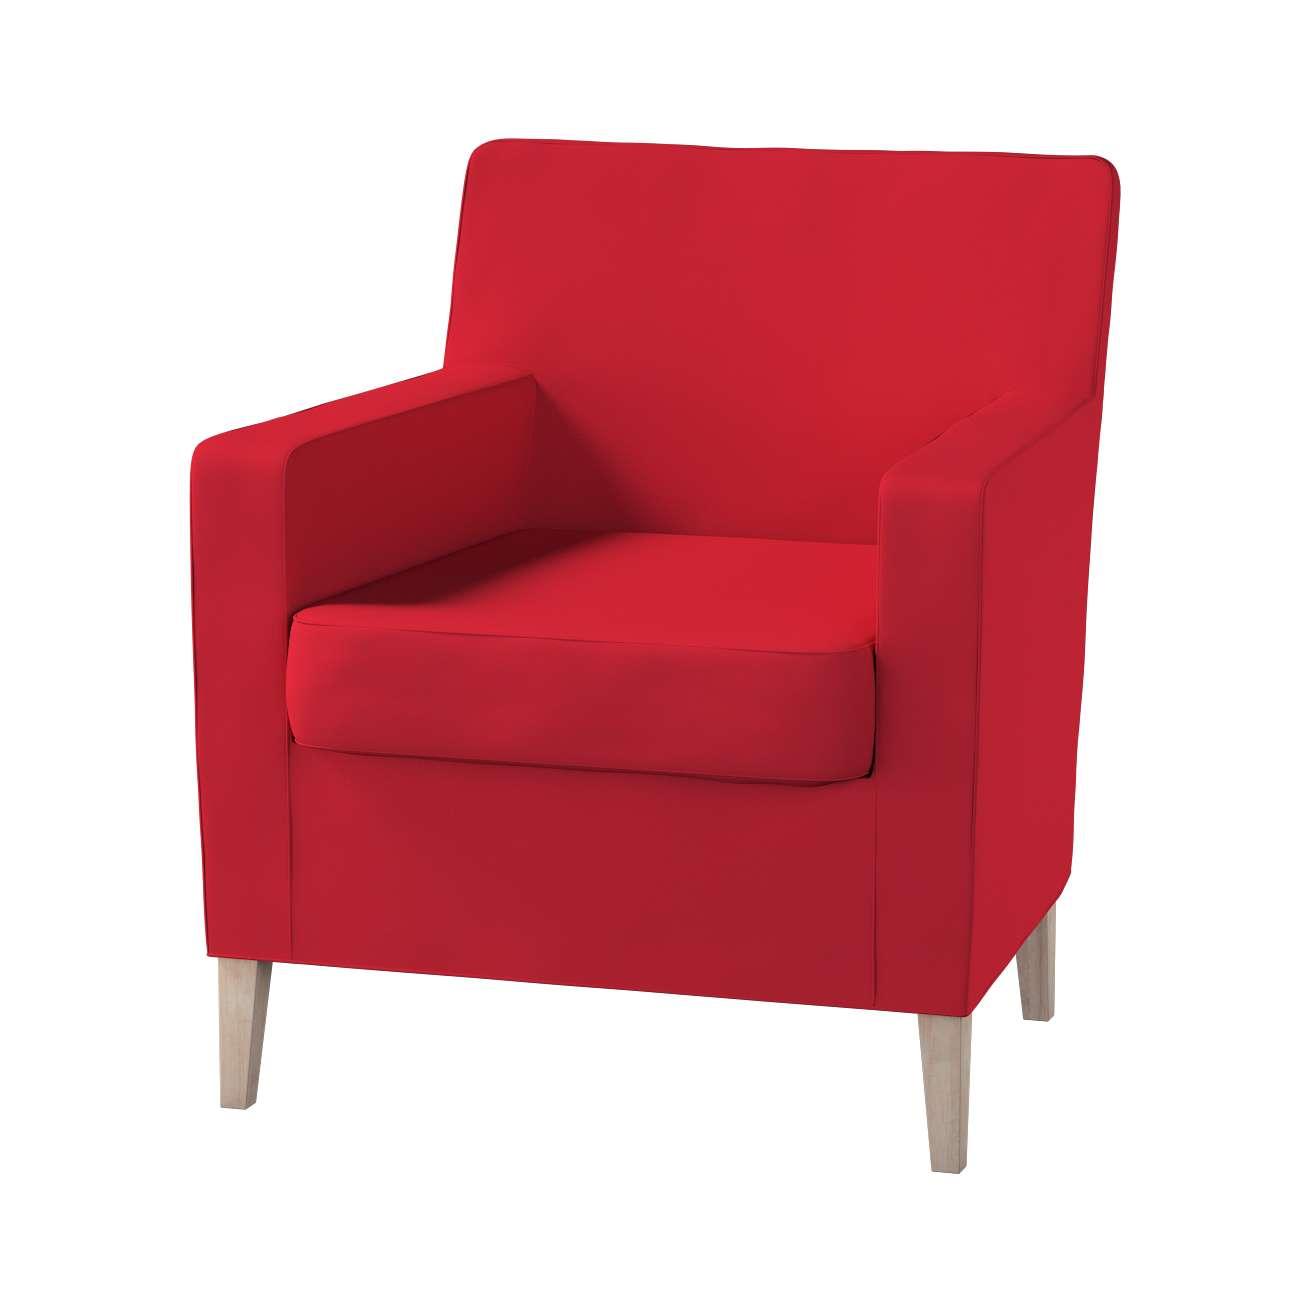 Pokrowiec na fotel Karlstad Fotel  Karlstad w kolekcji Cotton Panama, tkanina: 702-04